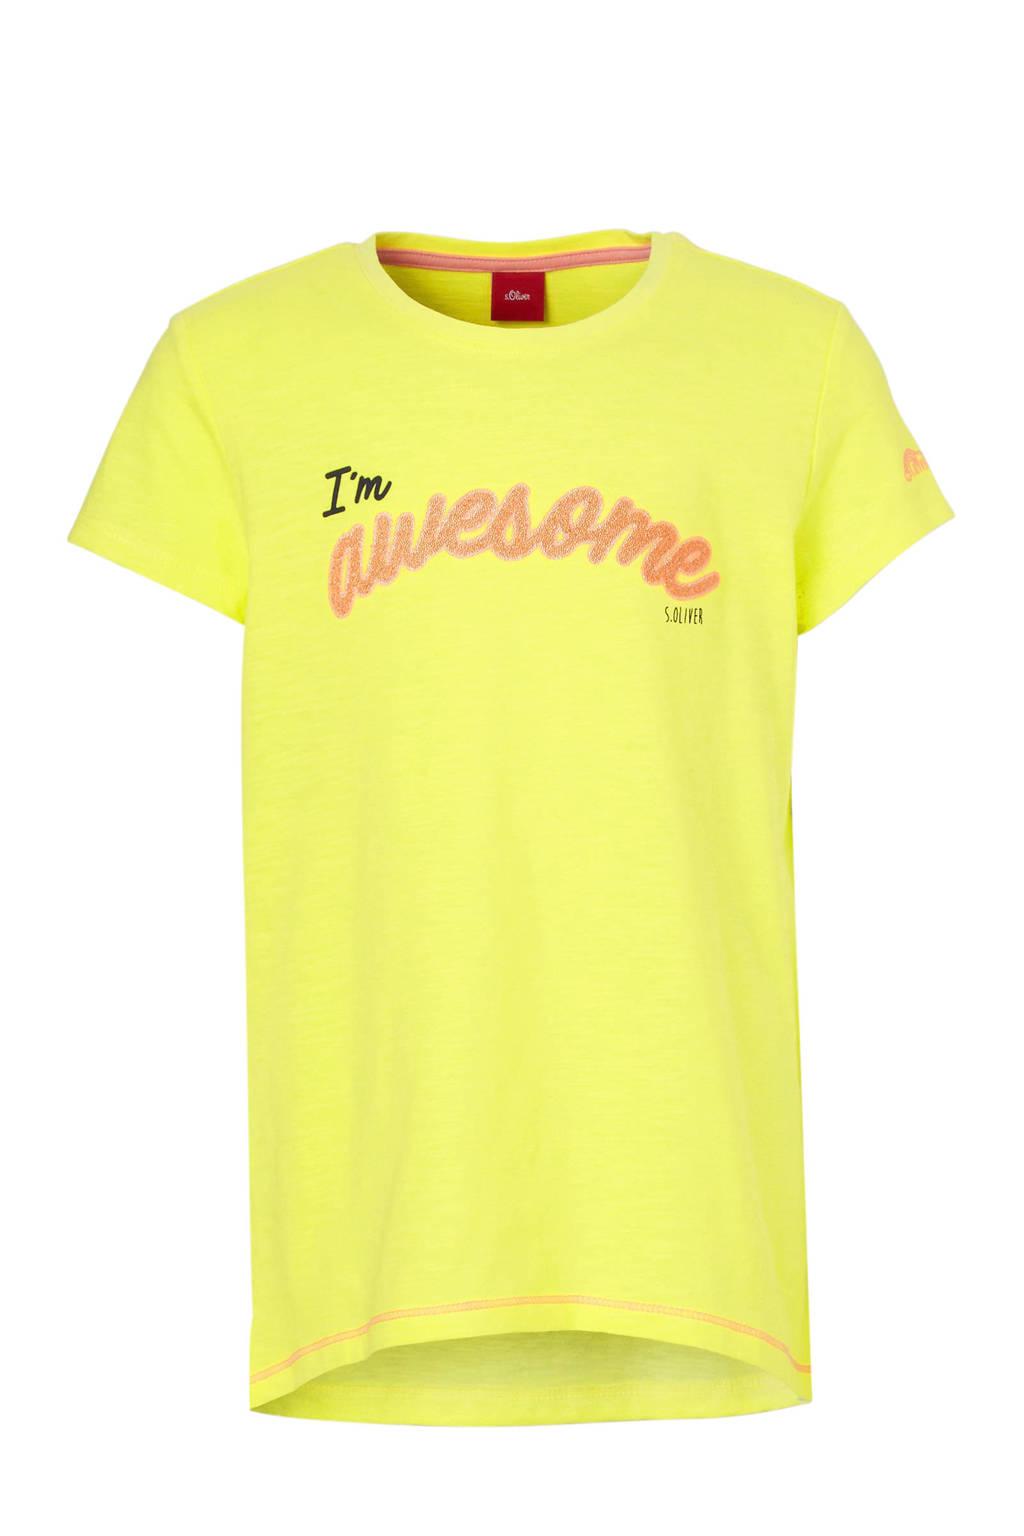 s.Oliver T-shirt met tekst geel, Lichtgeel